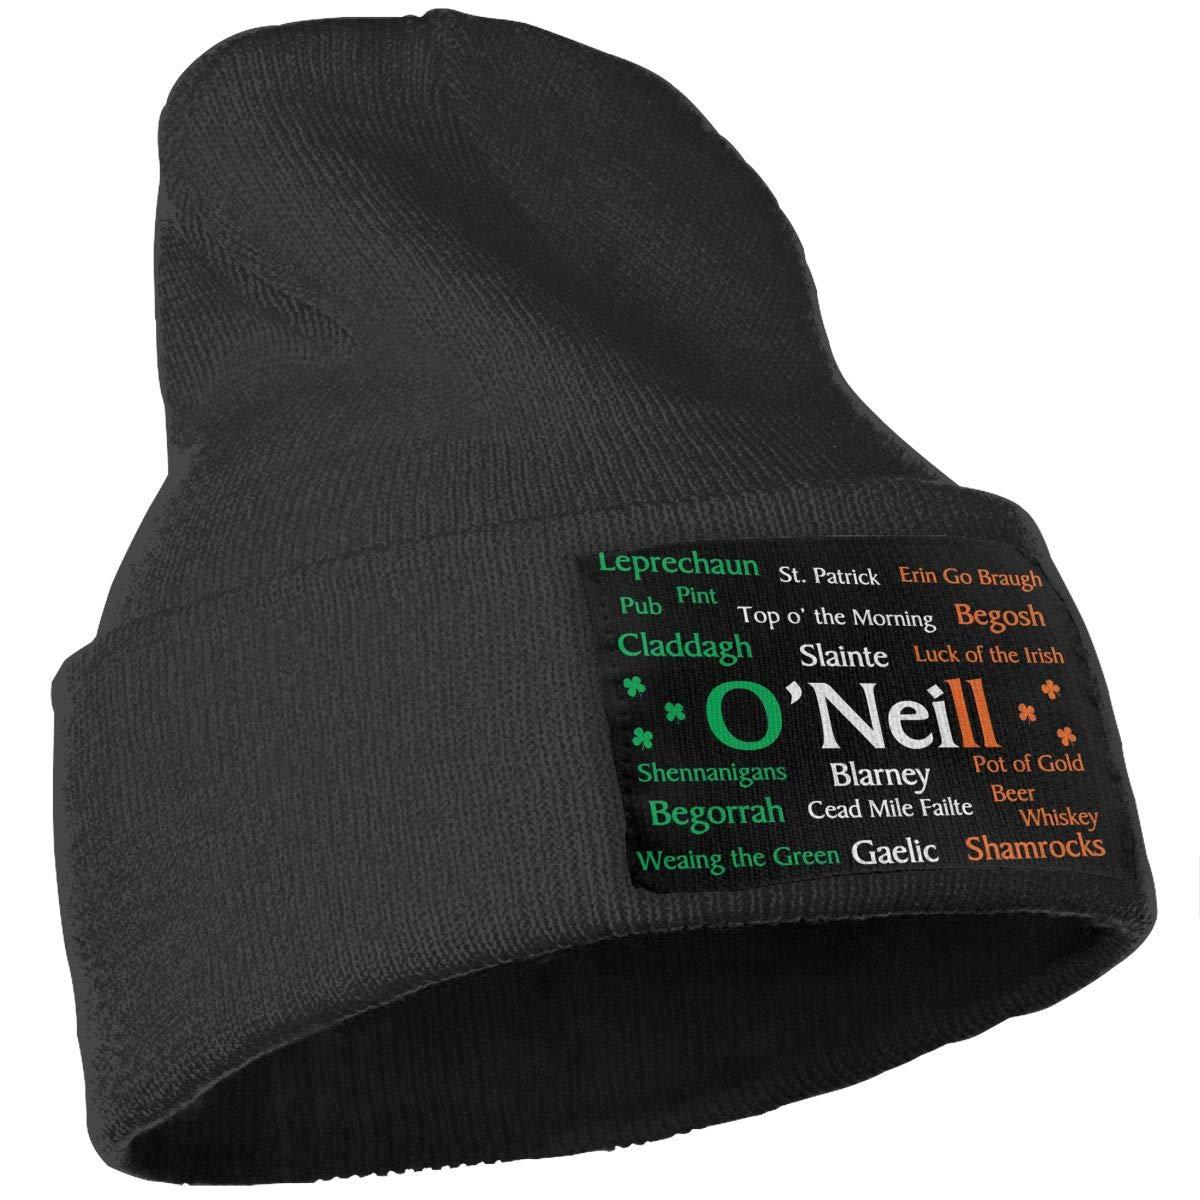 QZqDQ Oneill Irish Pride Unisex Fashion Knitted Hat Luxury Hip-Hop Cap